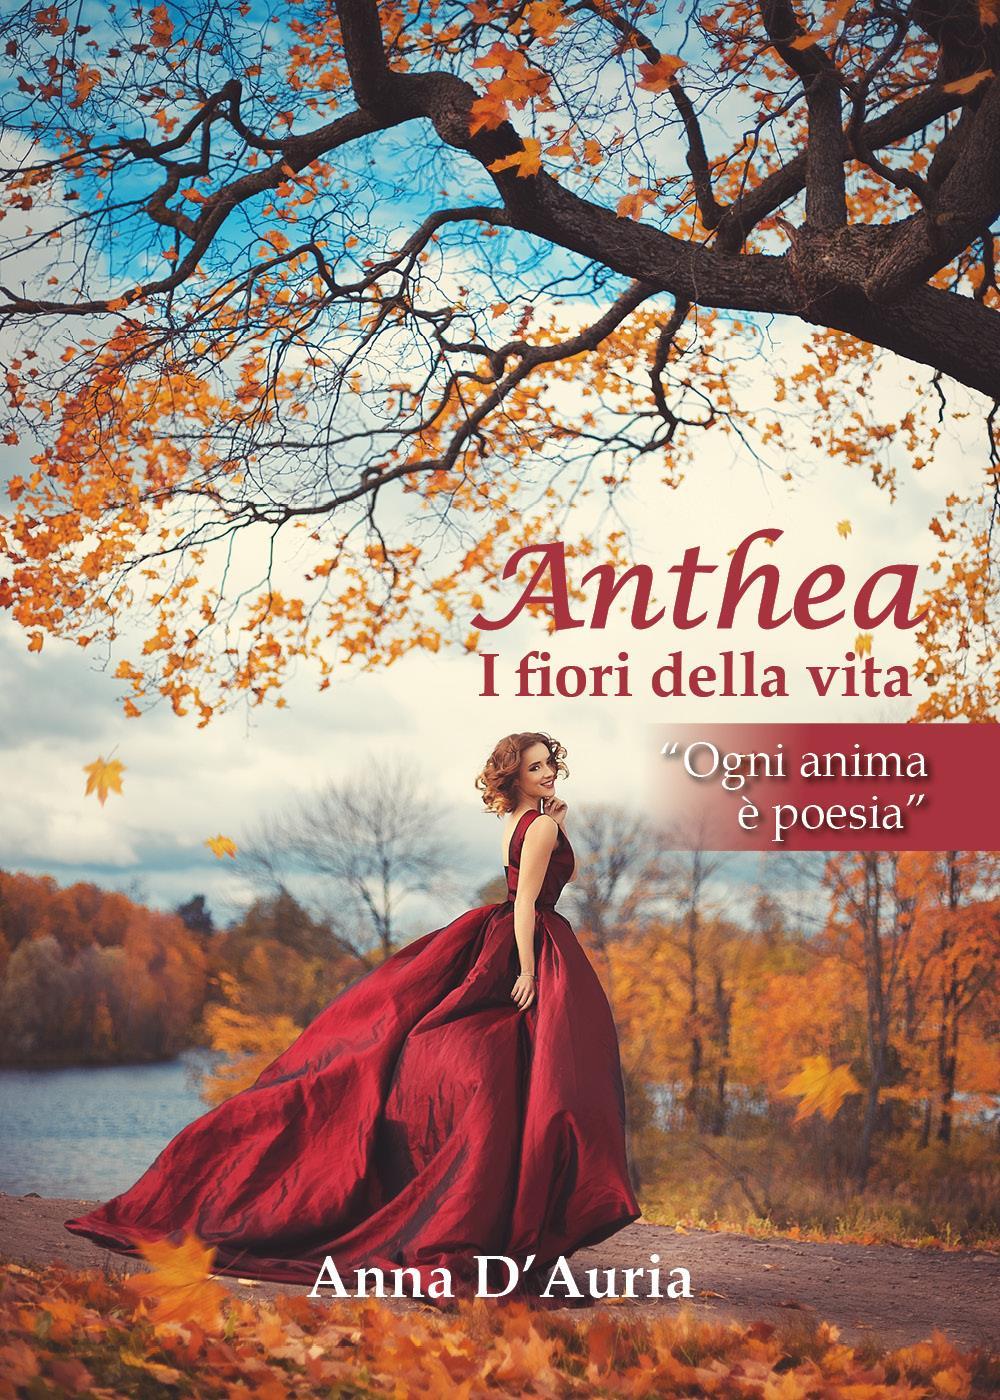 Anthea. I fiori della vita